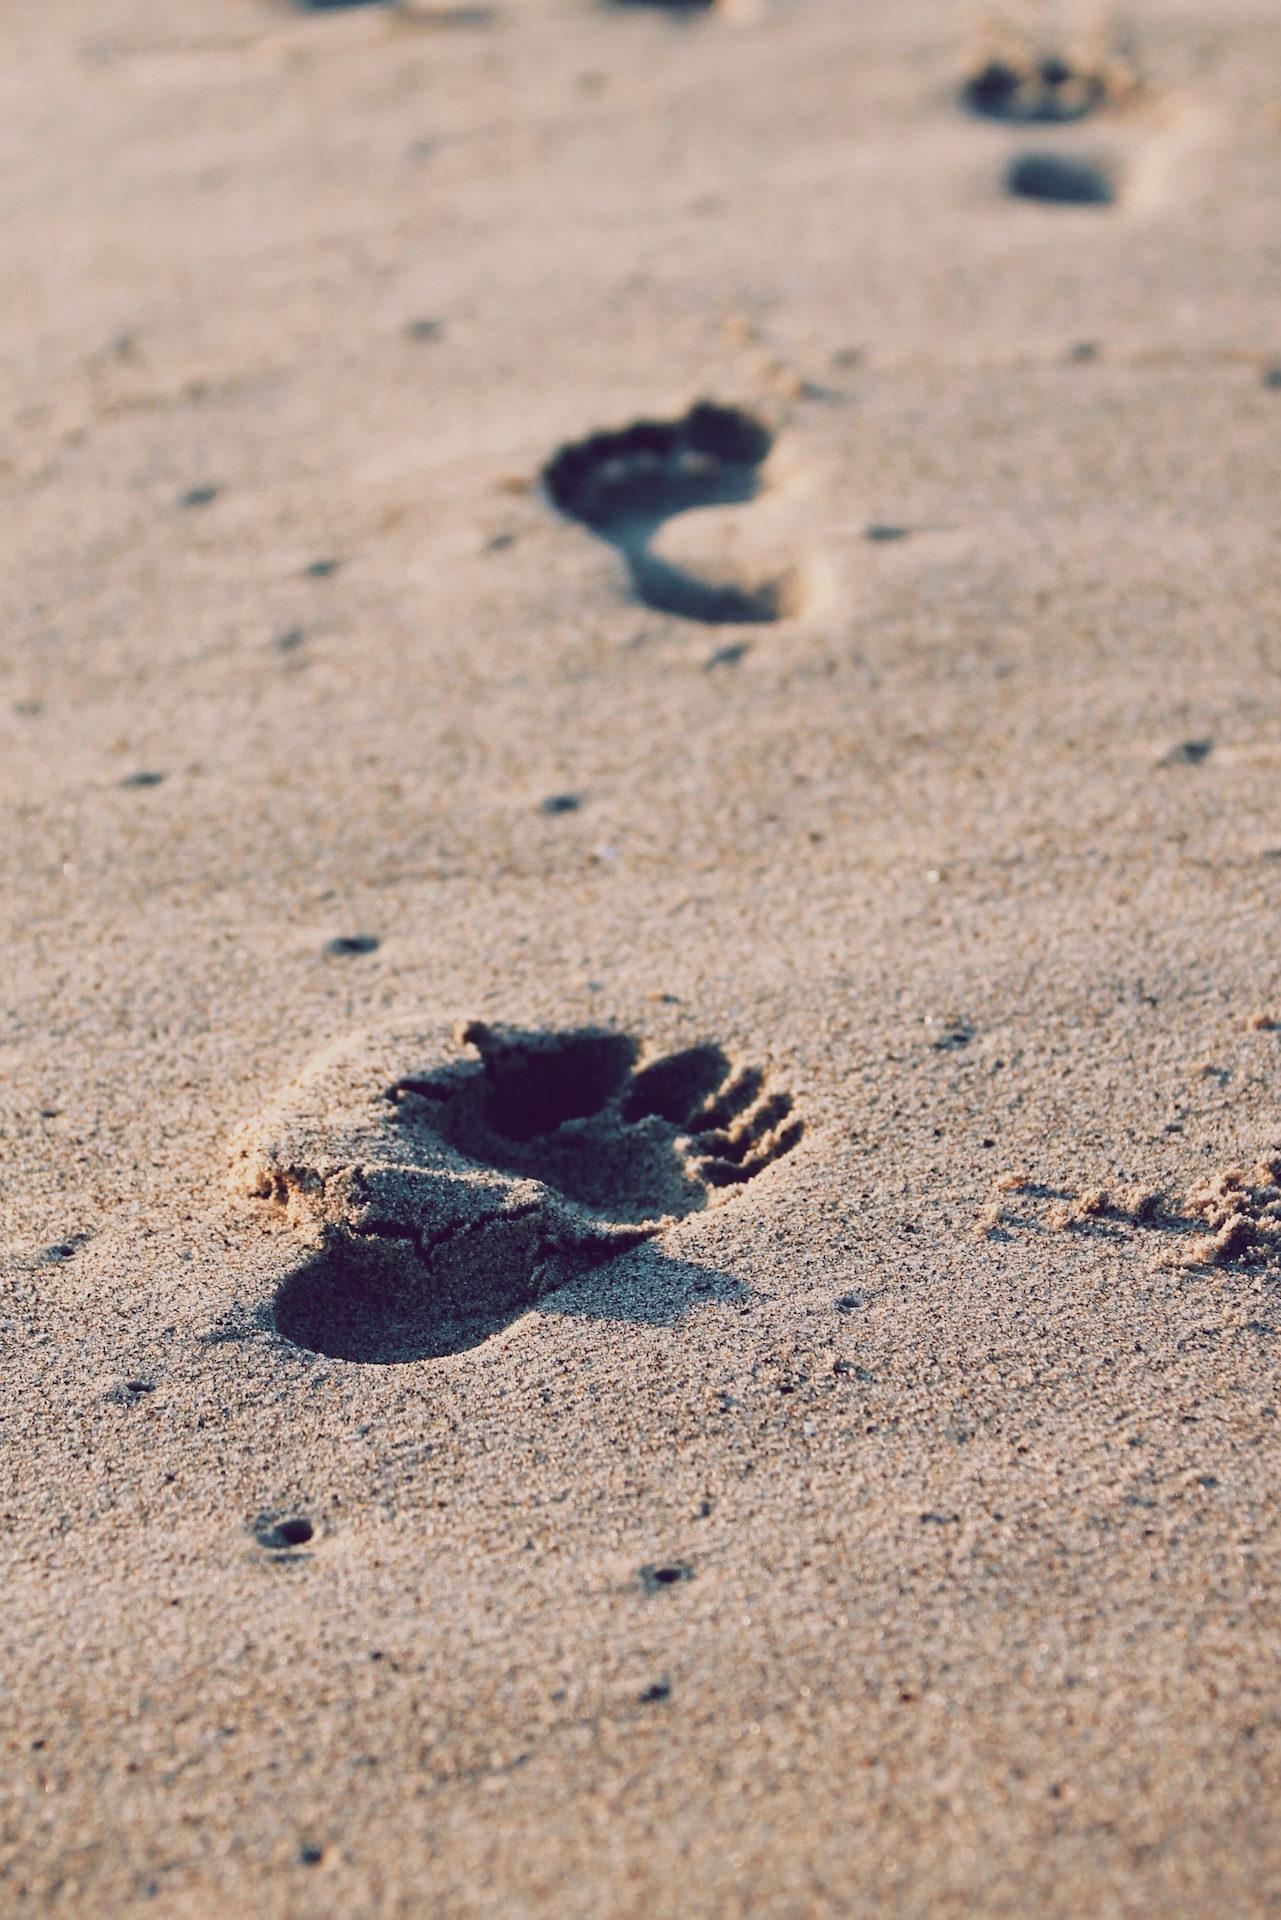 следы, стопам, песок, Пляж, футов - Обои HD - Профессор falken.com